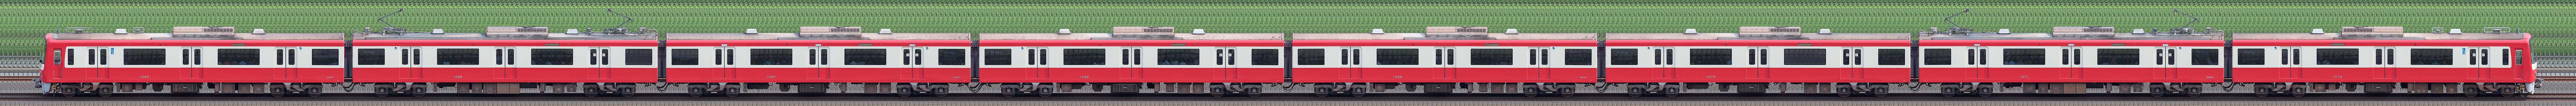 京急電鉄 新1000形(5次車)1065編成(海側)の編成サイドビュー